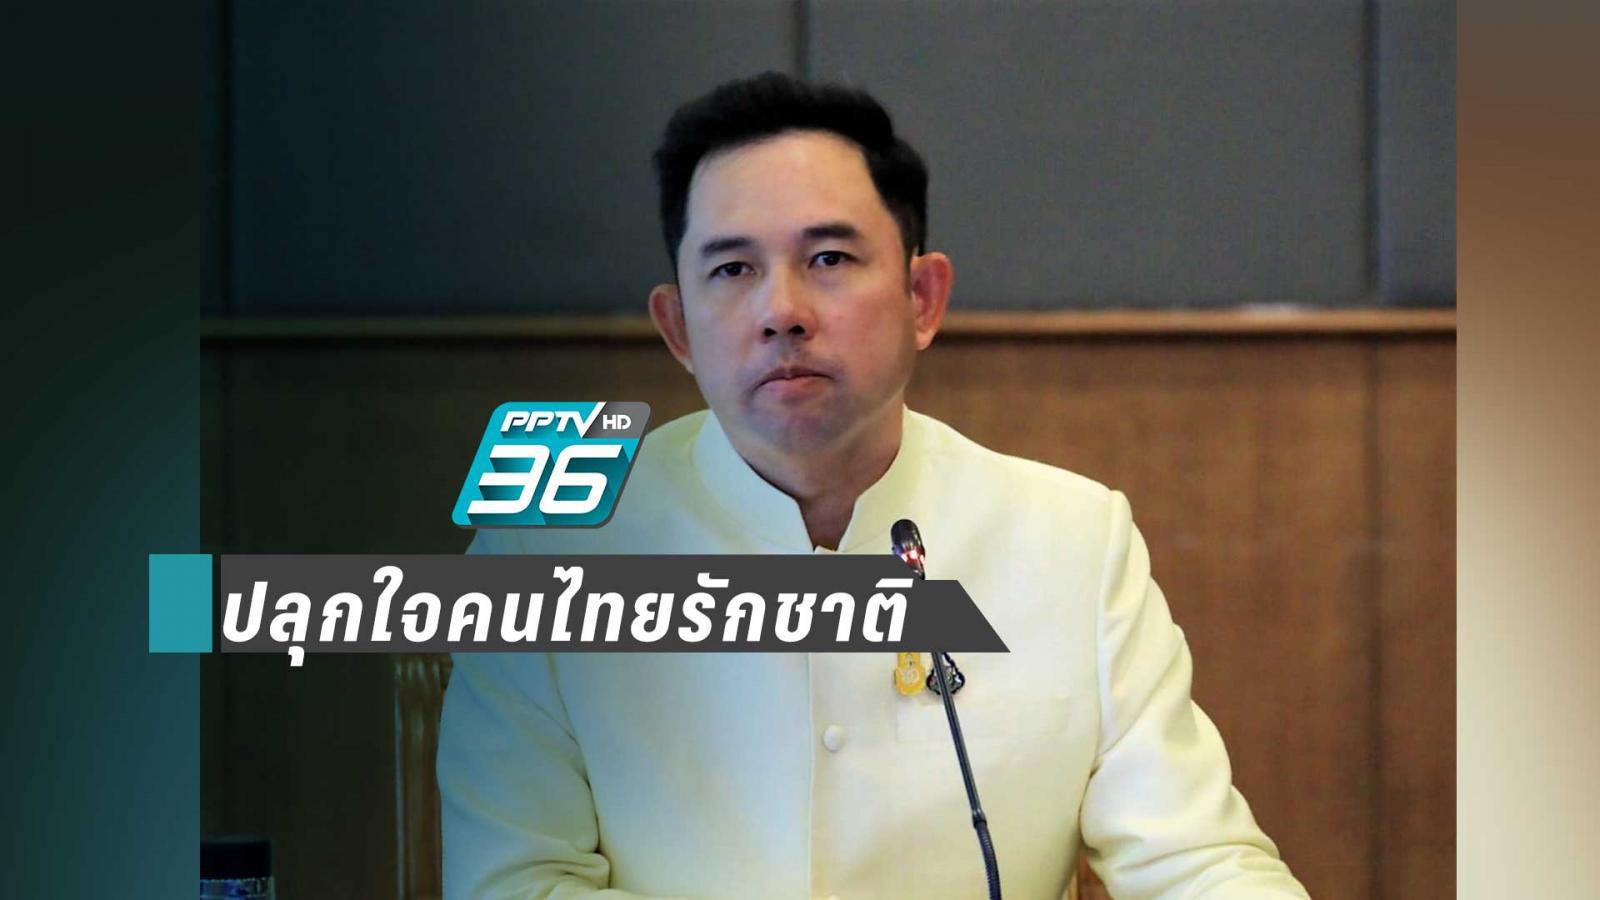 ก.วัฒนธรรม จับมือ ก.กลาโหม เตรียมสร้างสารคดีสงครามในไทย ปลุกใจคนไทยรักชาติ